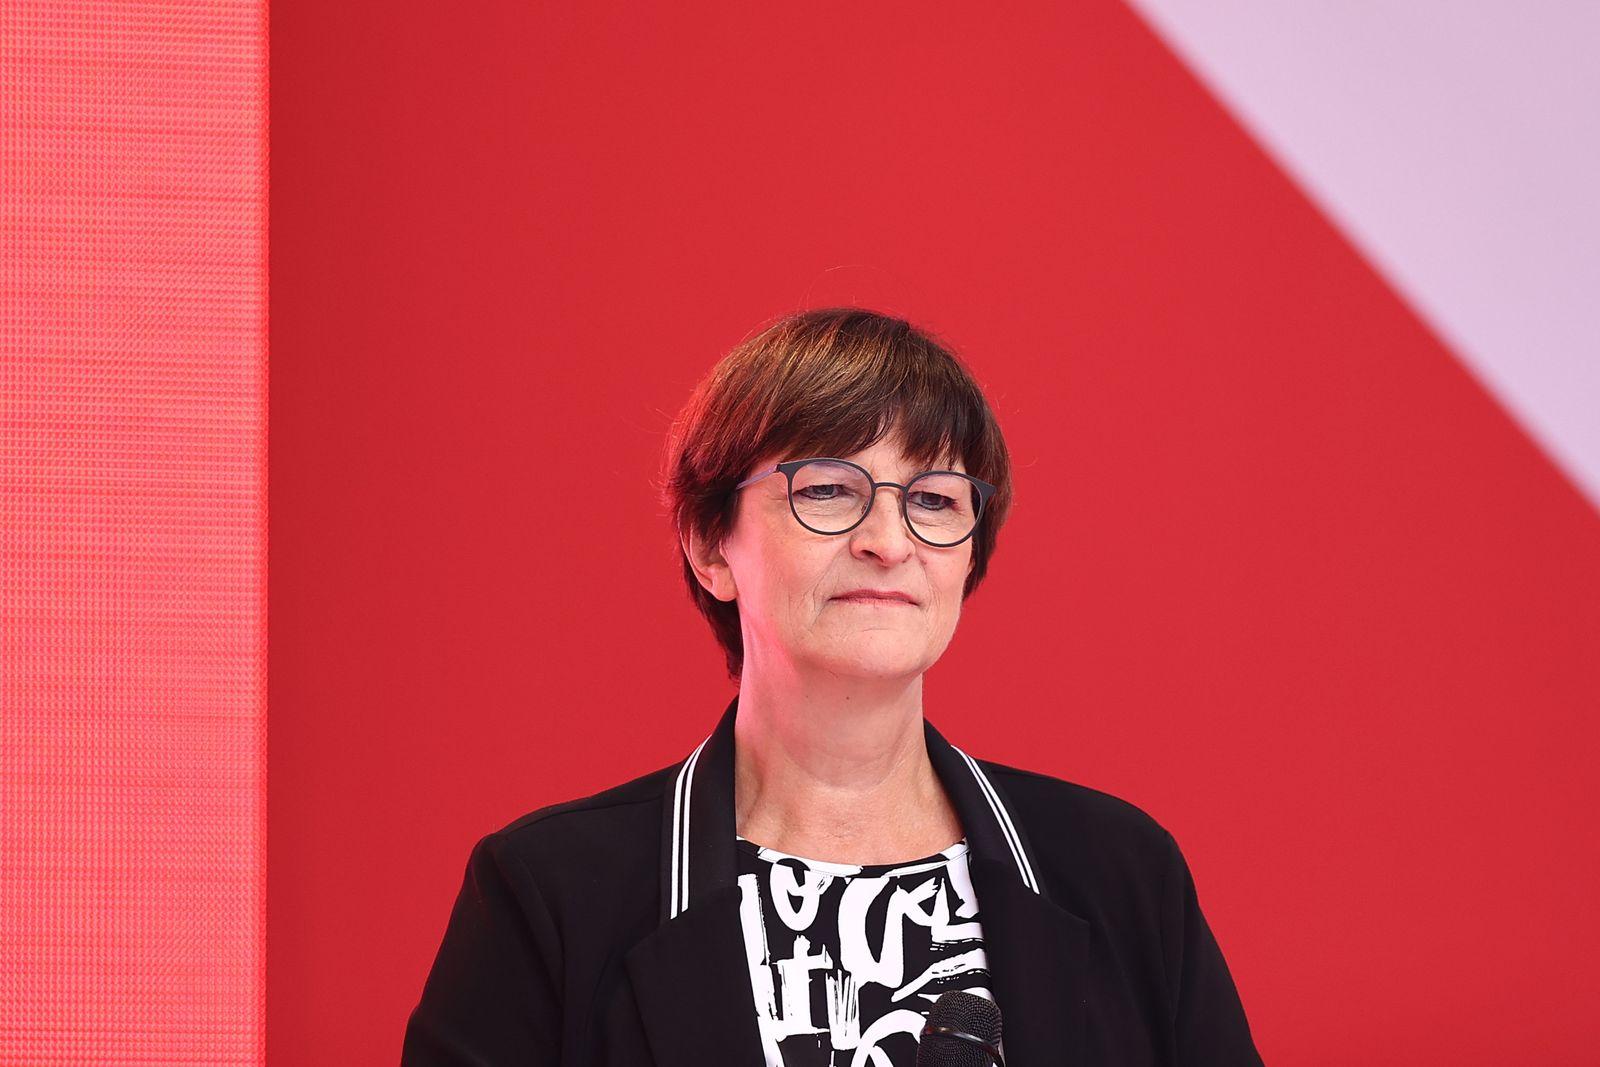 Wahlkampfabschluss der SPD in Nordrhein-Westfalen